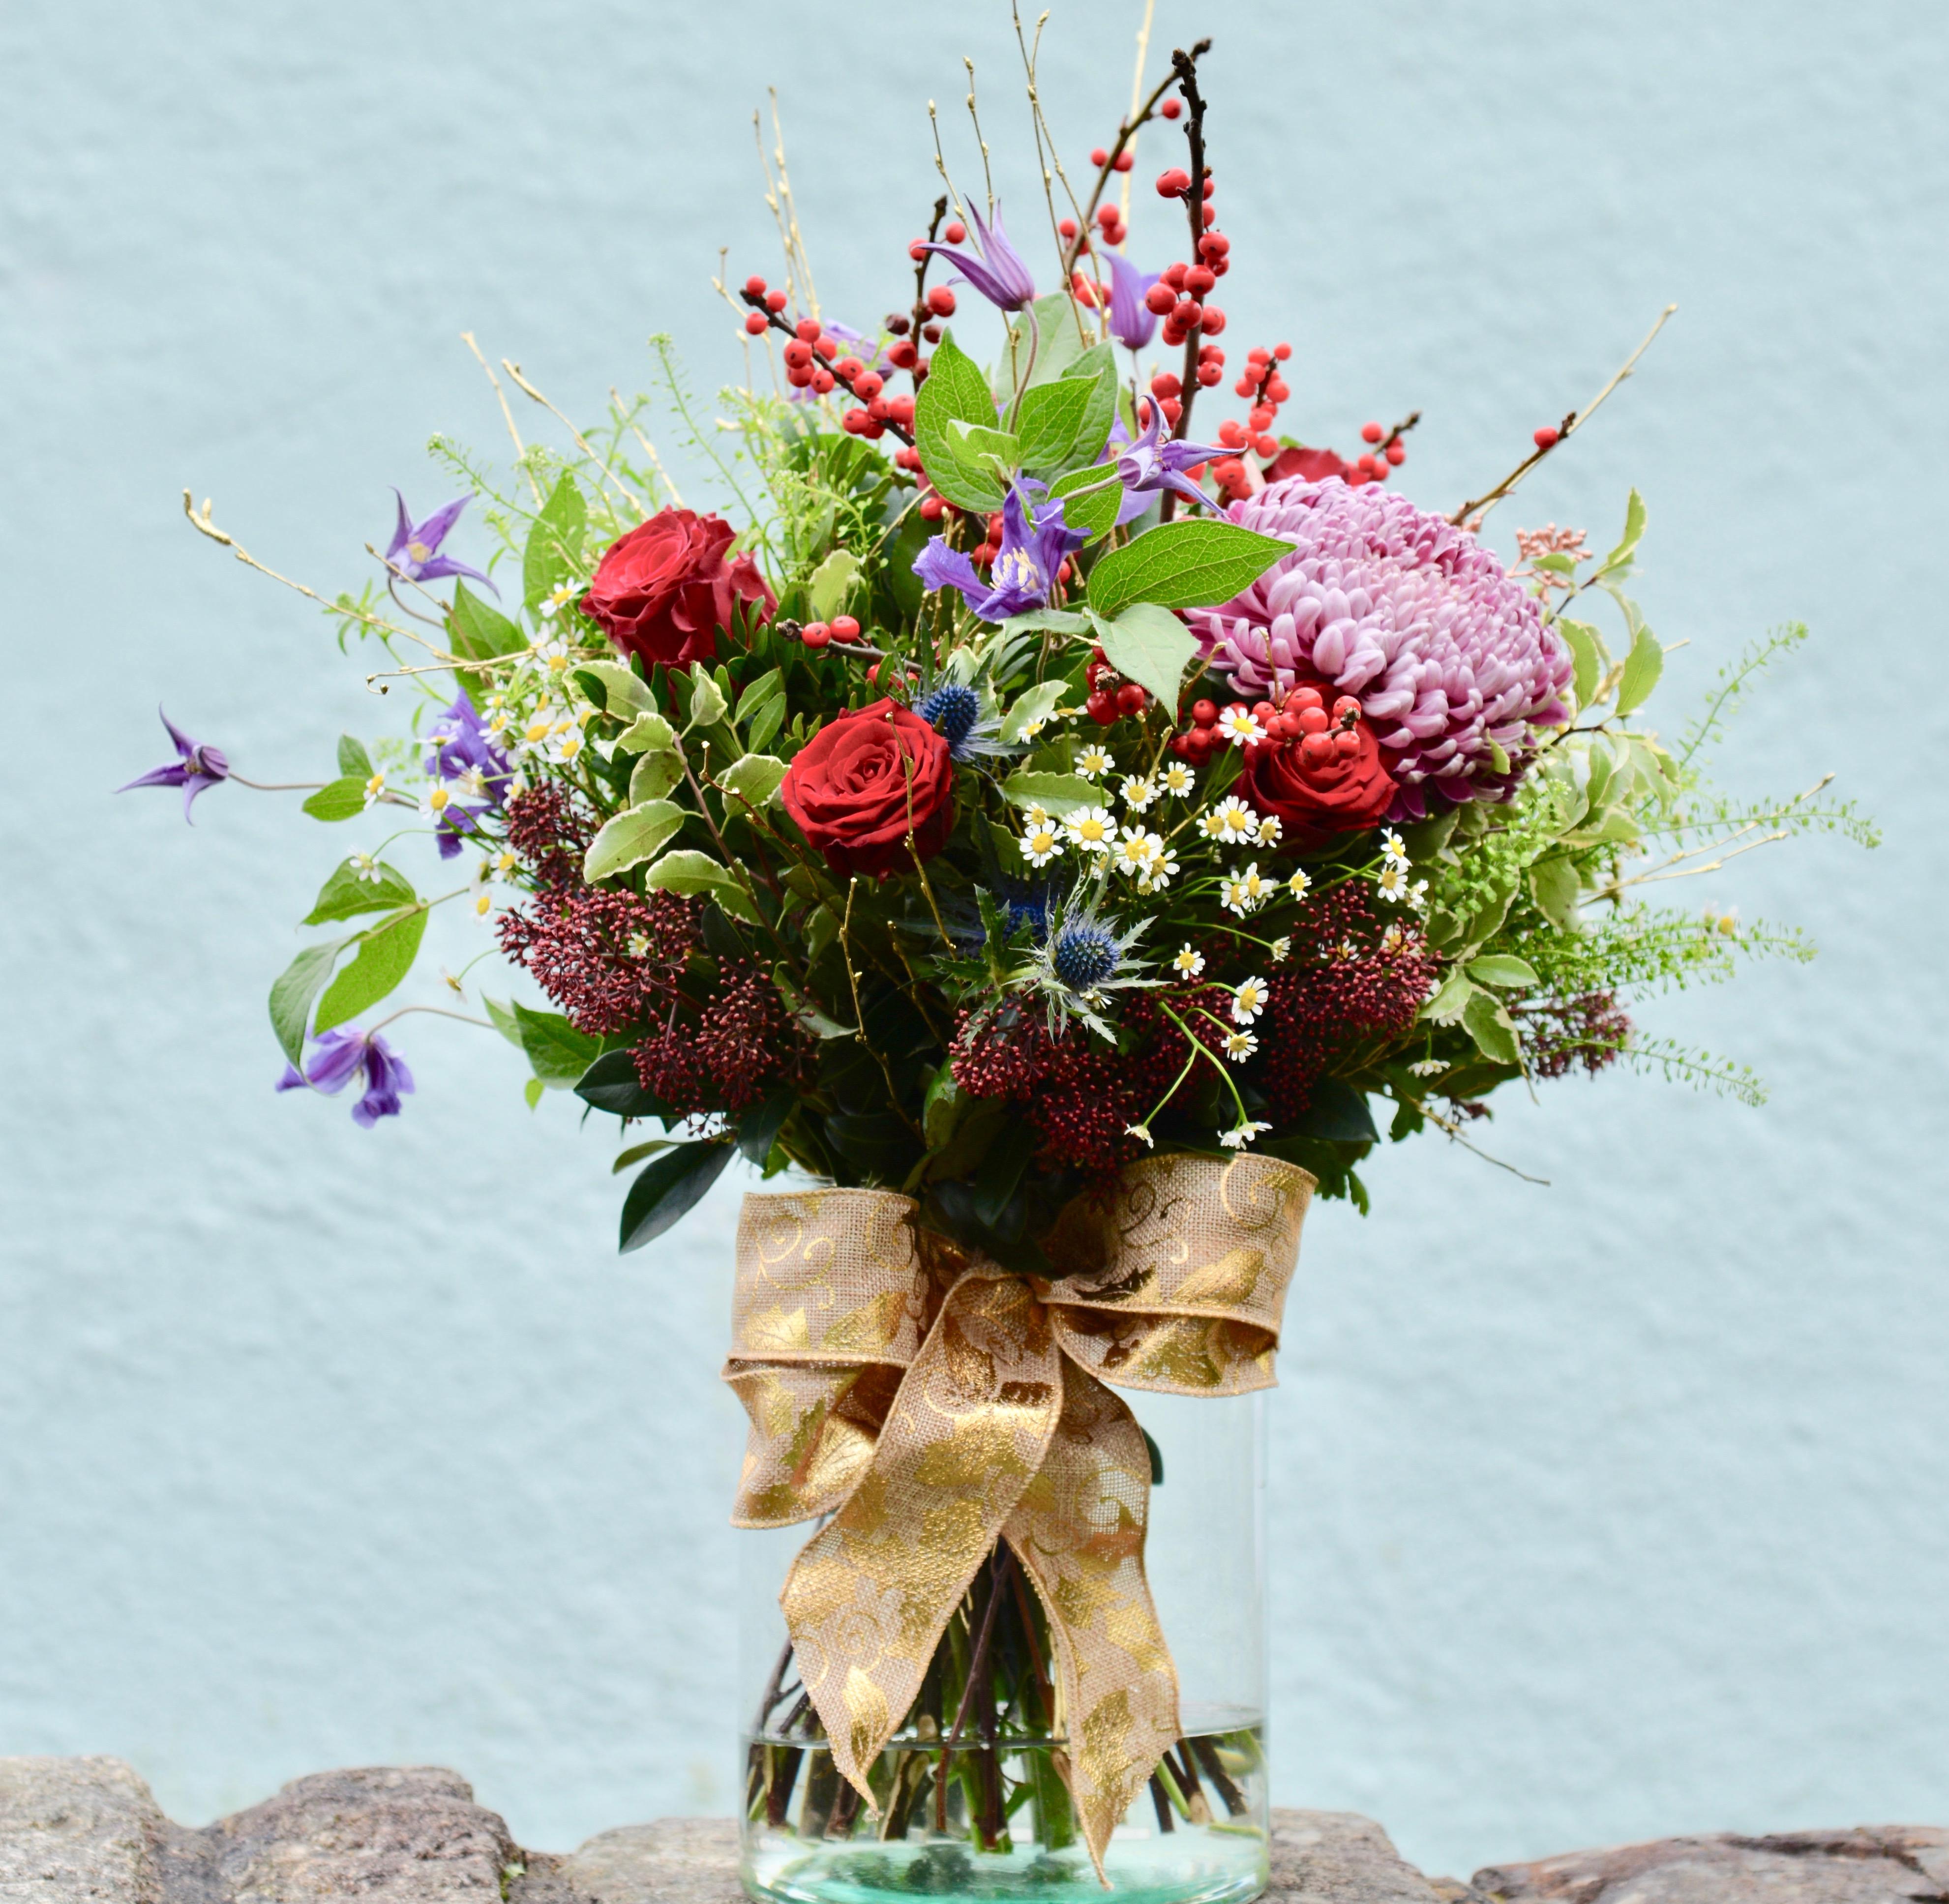 Totnes Christmas Bouquet